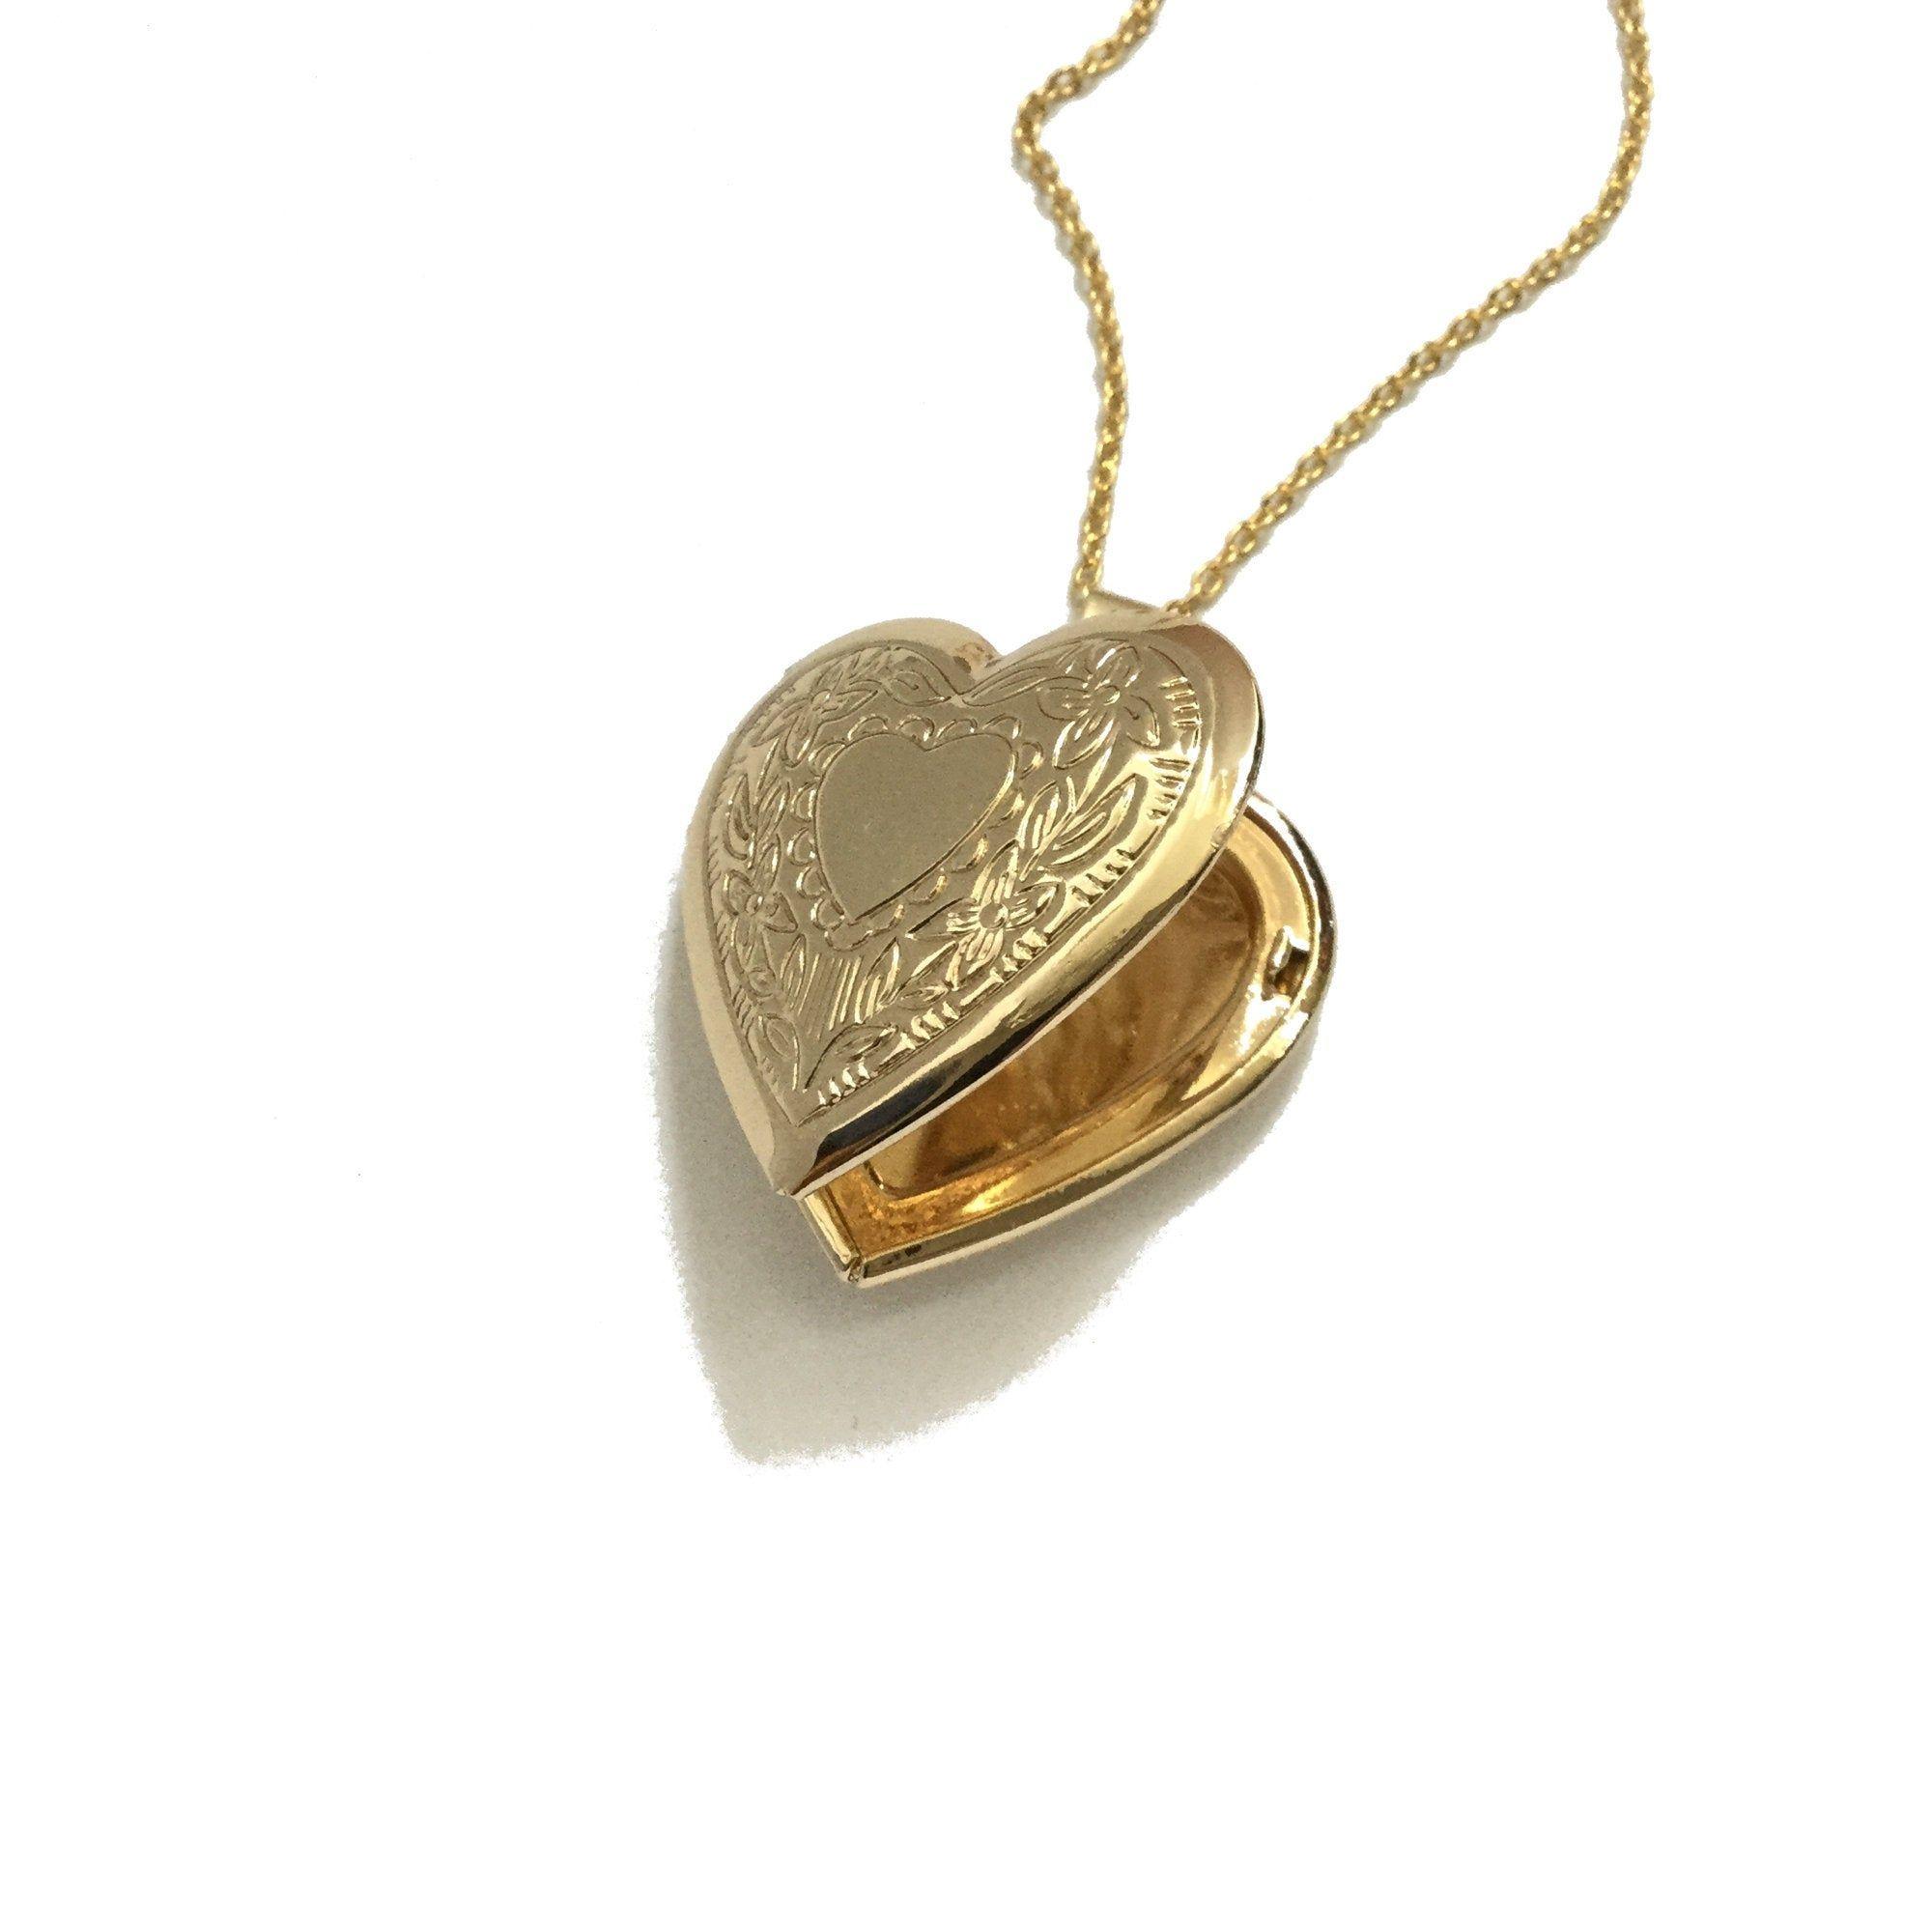 Photo of Herz Medaillon Halskette, florale Medaillon, romantische Liebe Medaillon, Muttertagsgeschenk Medaillon, Freundin Geschenk, goldene Messing Medaillon, goldenes Medaillon